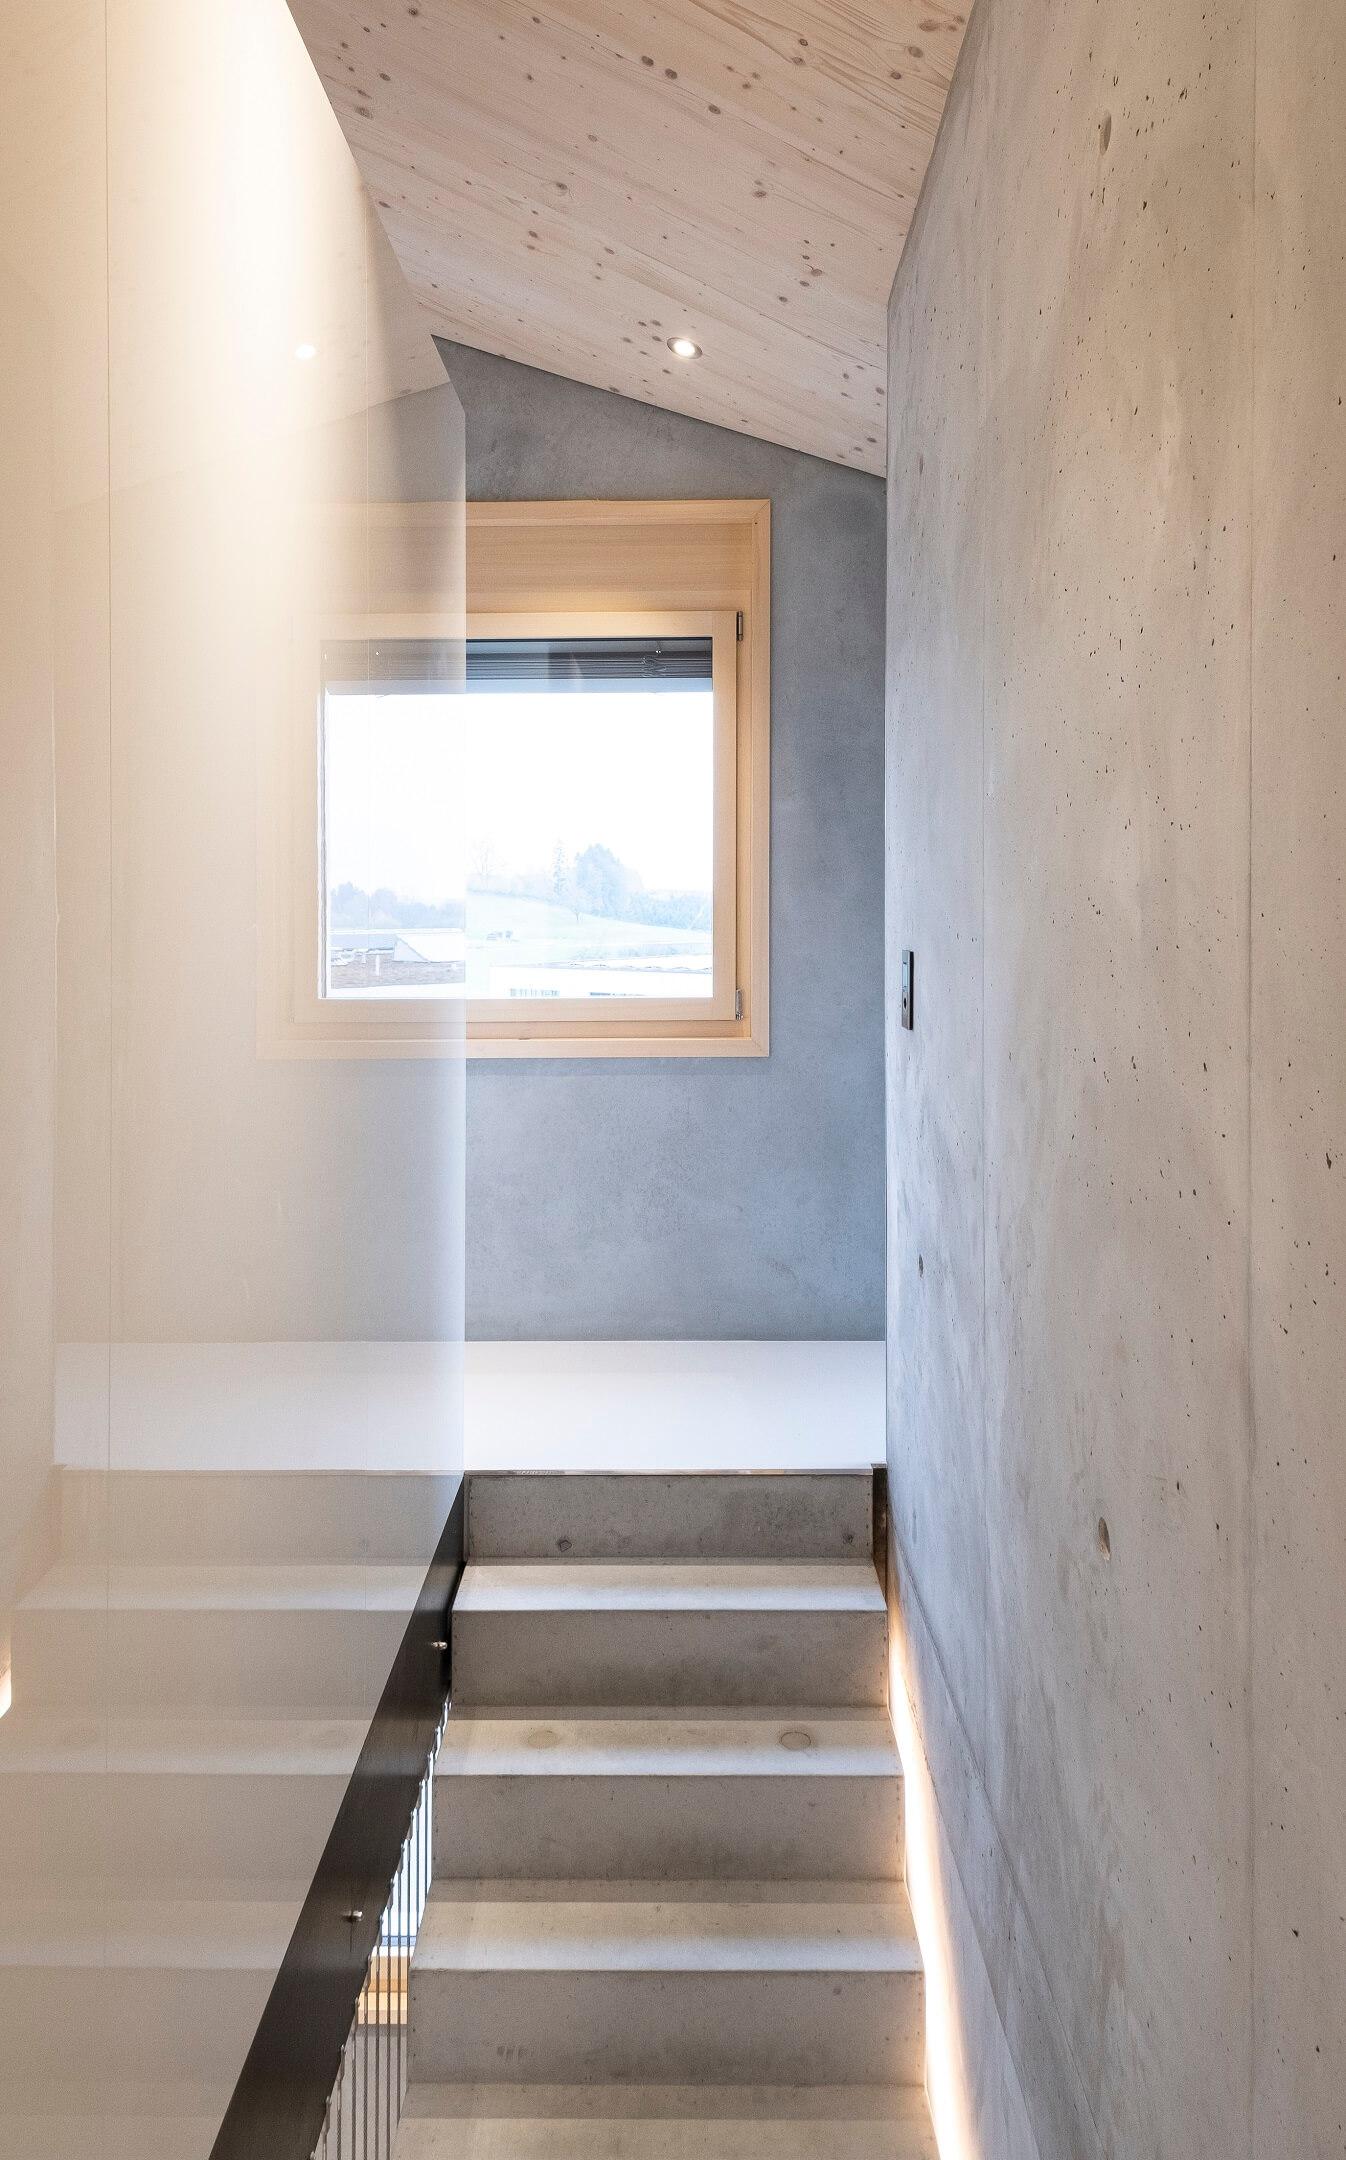 Lömmenschwil Treppen 3 | Kleger und Koller Architekten